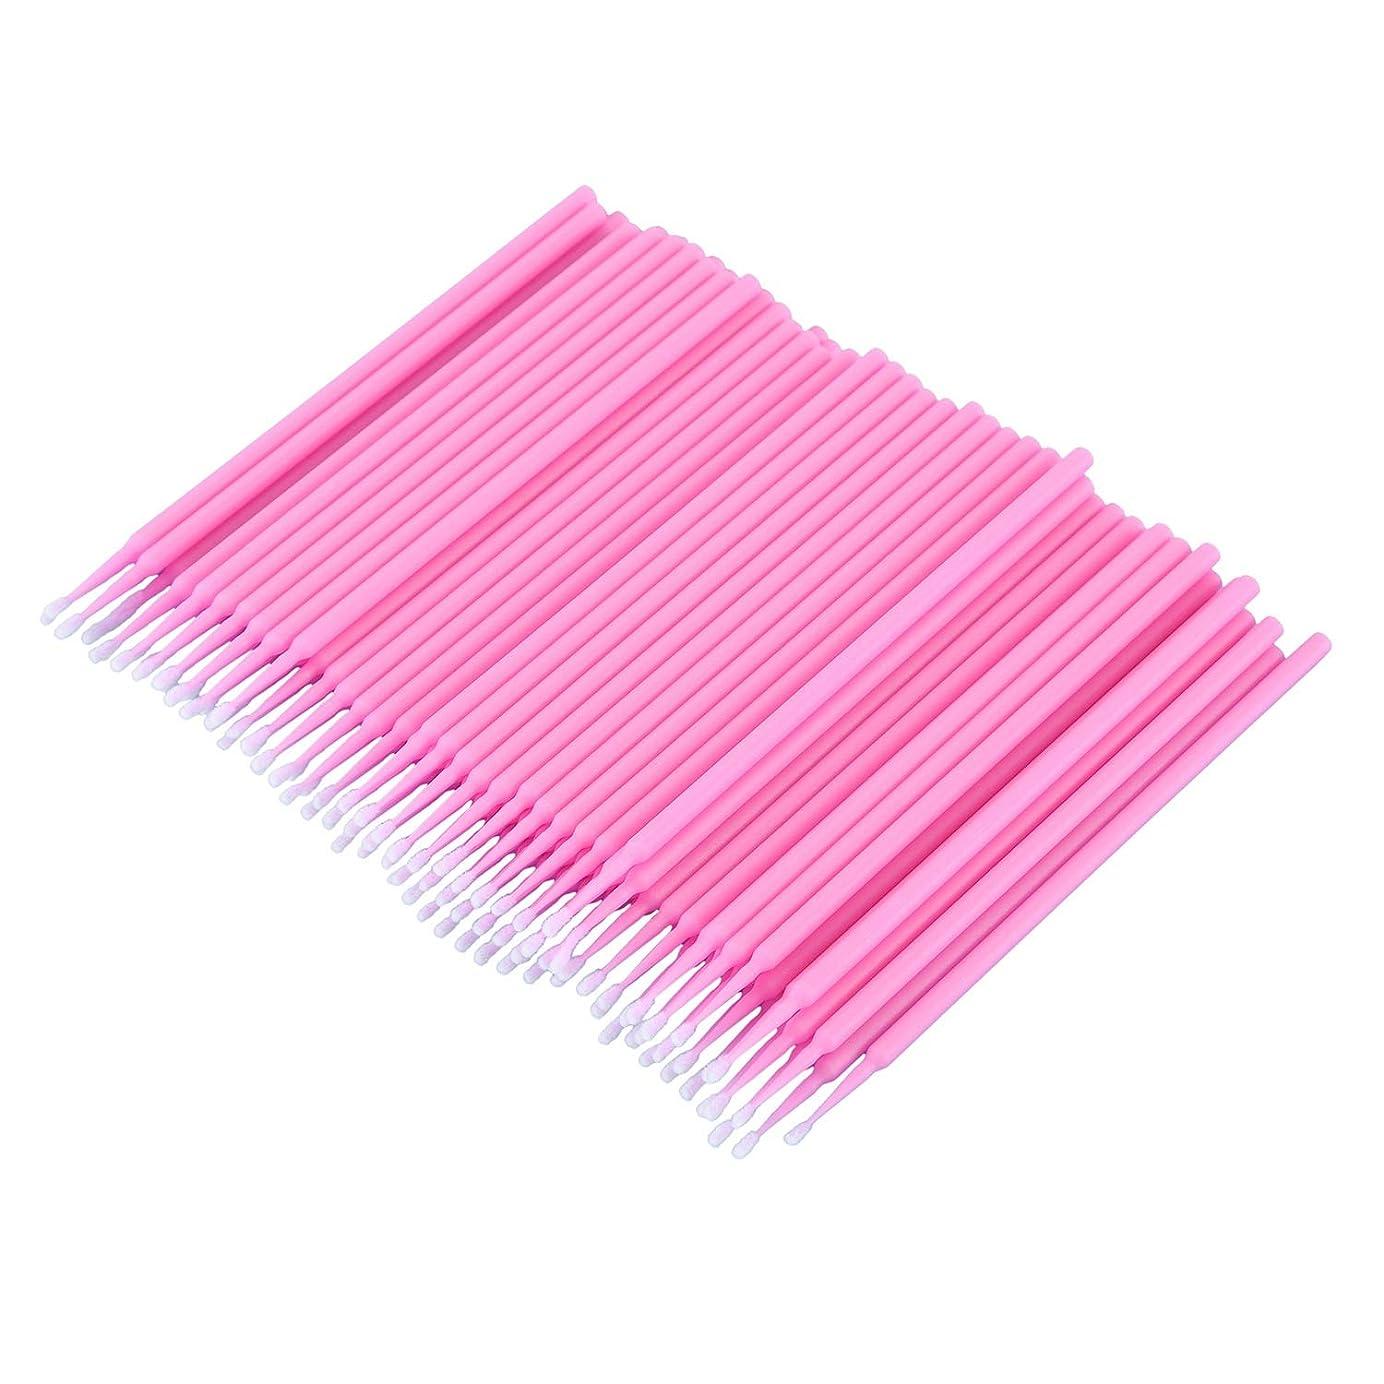 落ち着いた有用湿地CUHAWUDBA 100個 歯科用マイクロブラシ 使い捨て材料 歯用アプリケーター ミディアムファイン(ピンク)